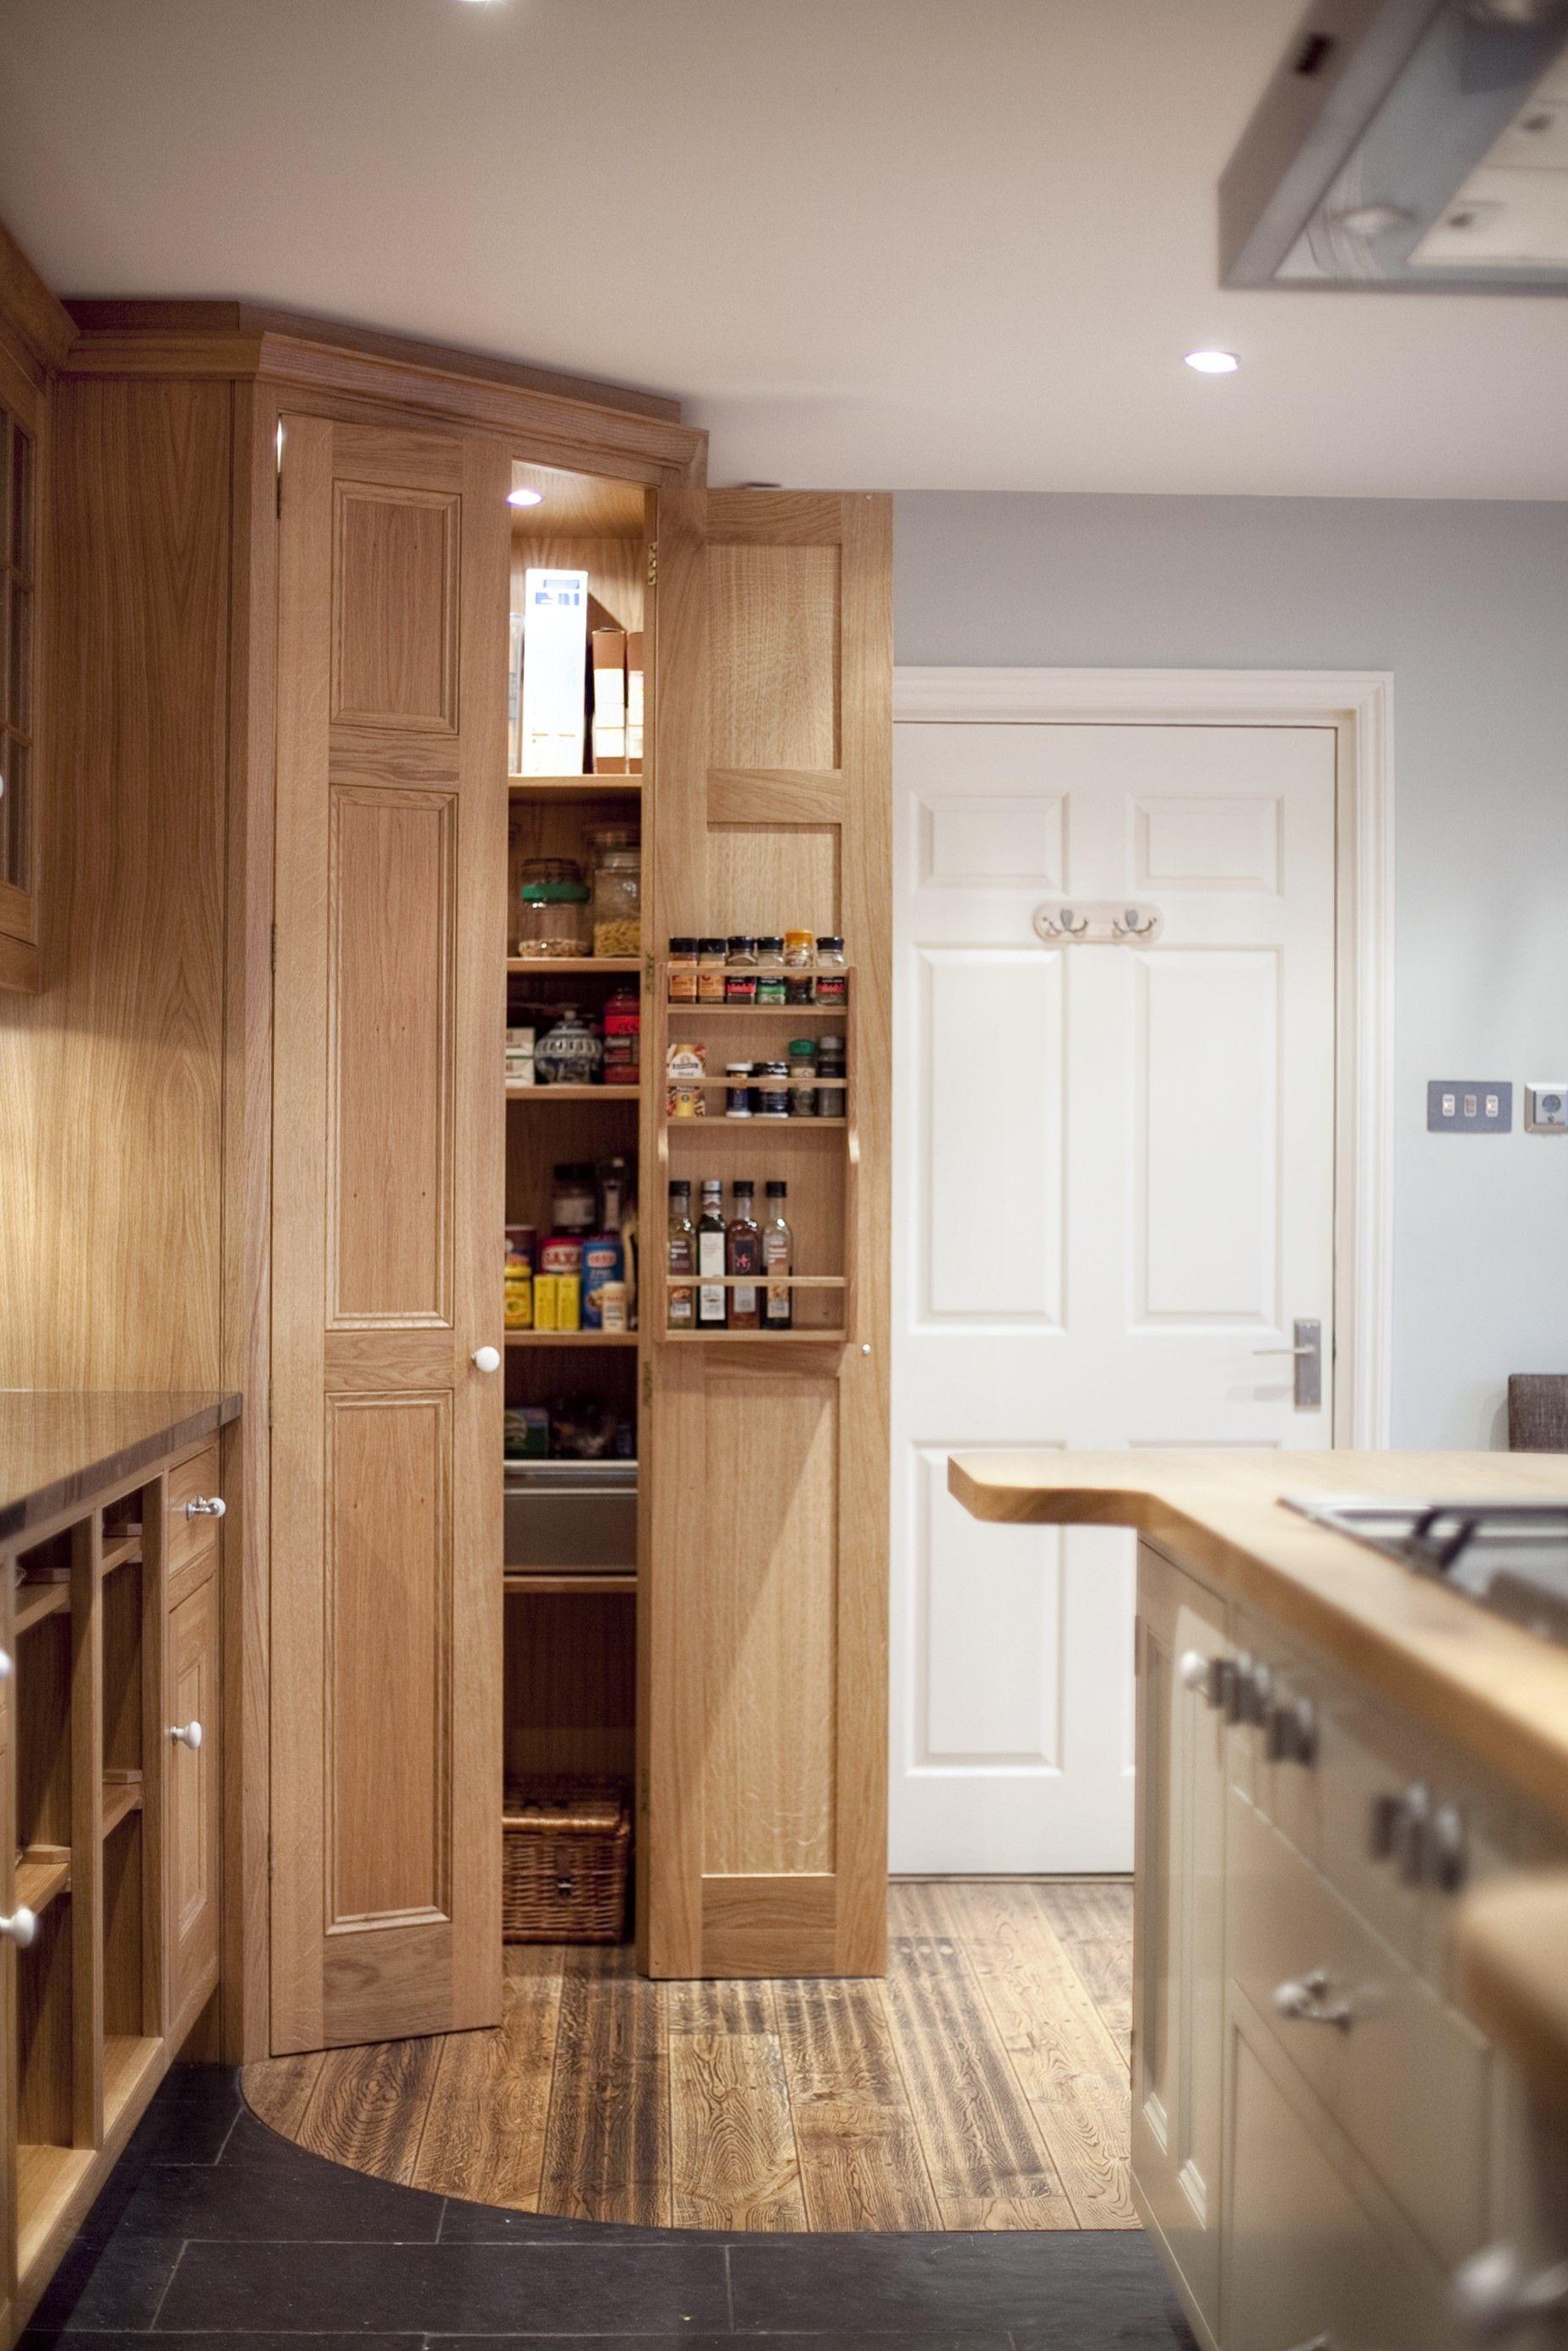 25 creative kitchen pantry ideas corner kitchen pantry pantry layout on kitchen organization layout id=85836